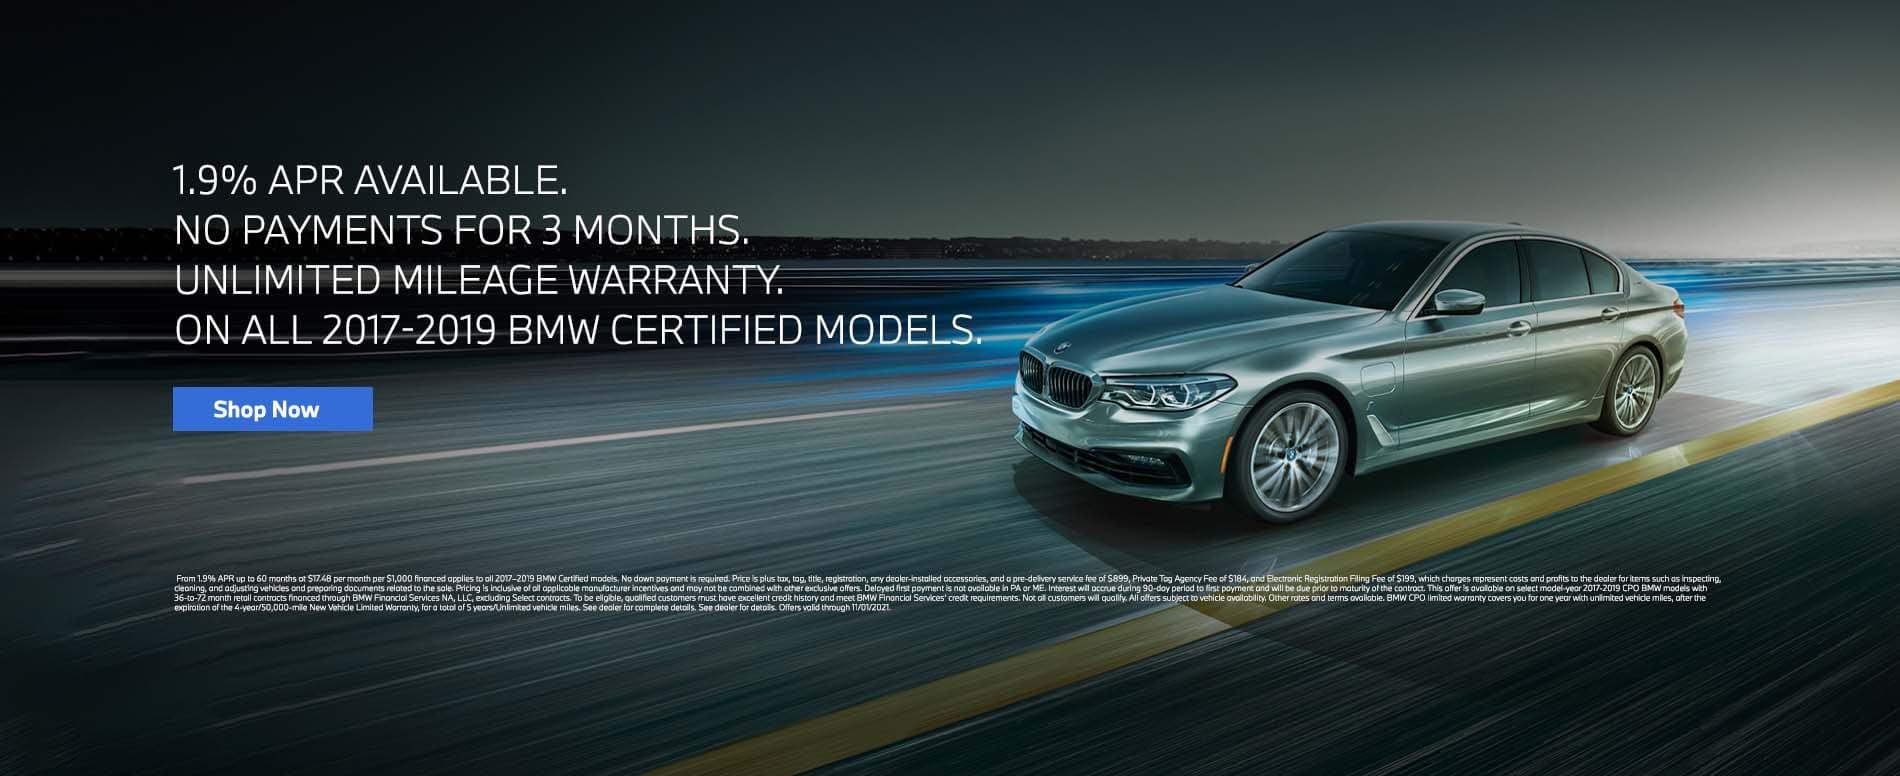 102-1021-BOW14858-BMW-1.9%APR_SL